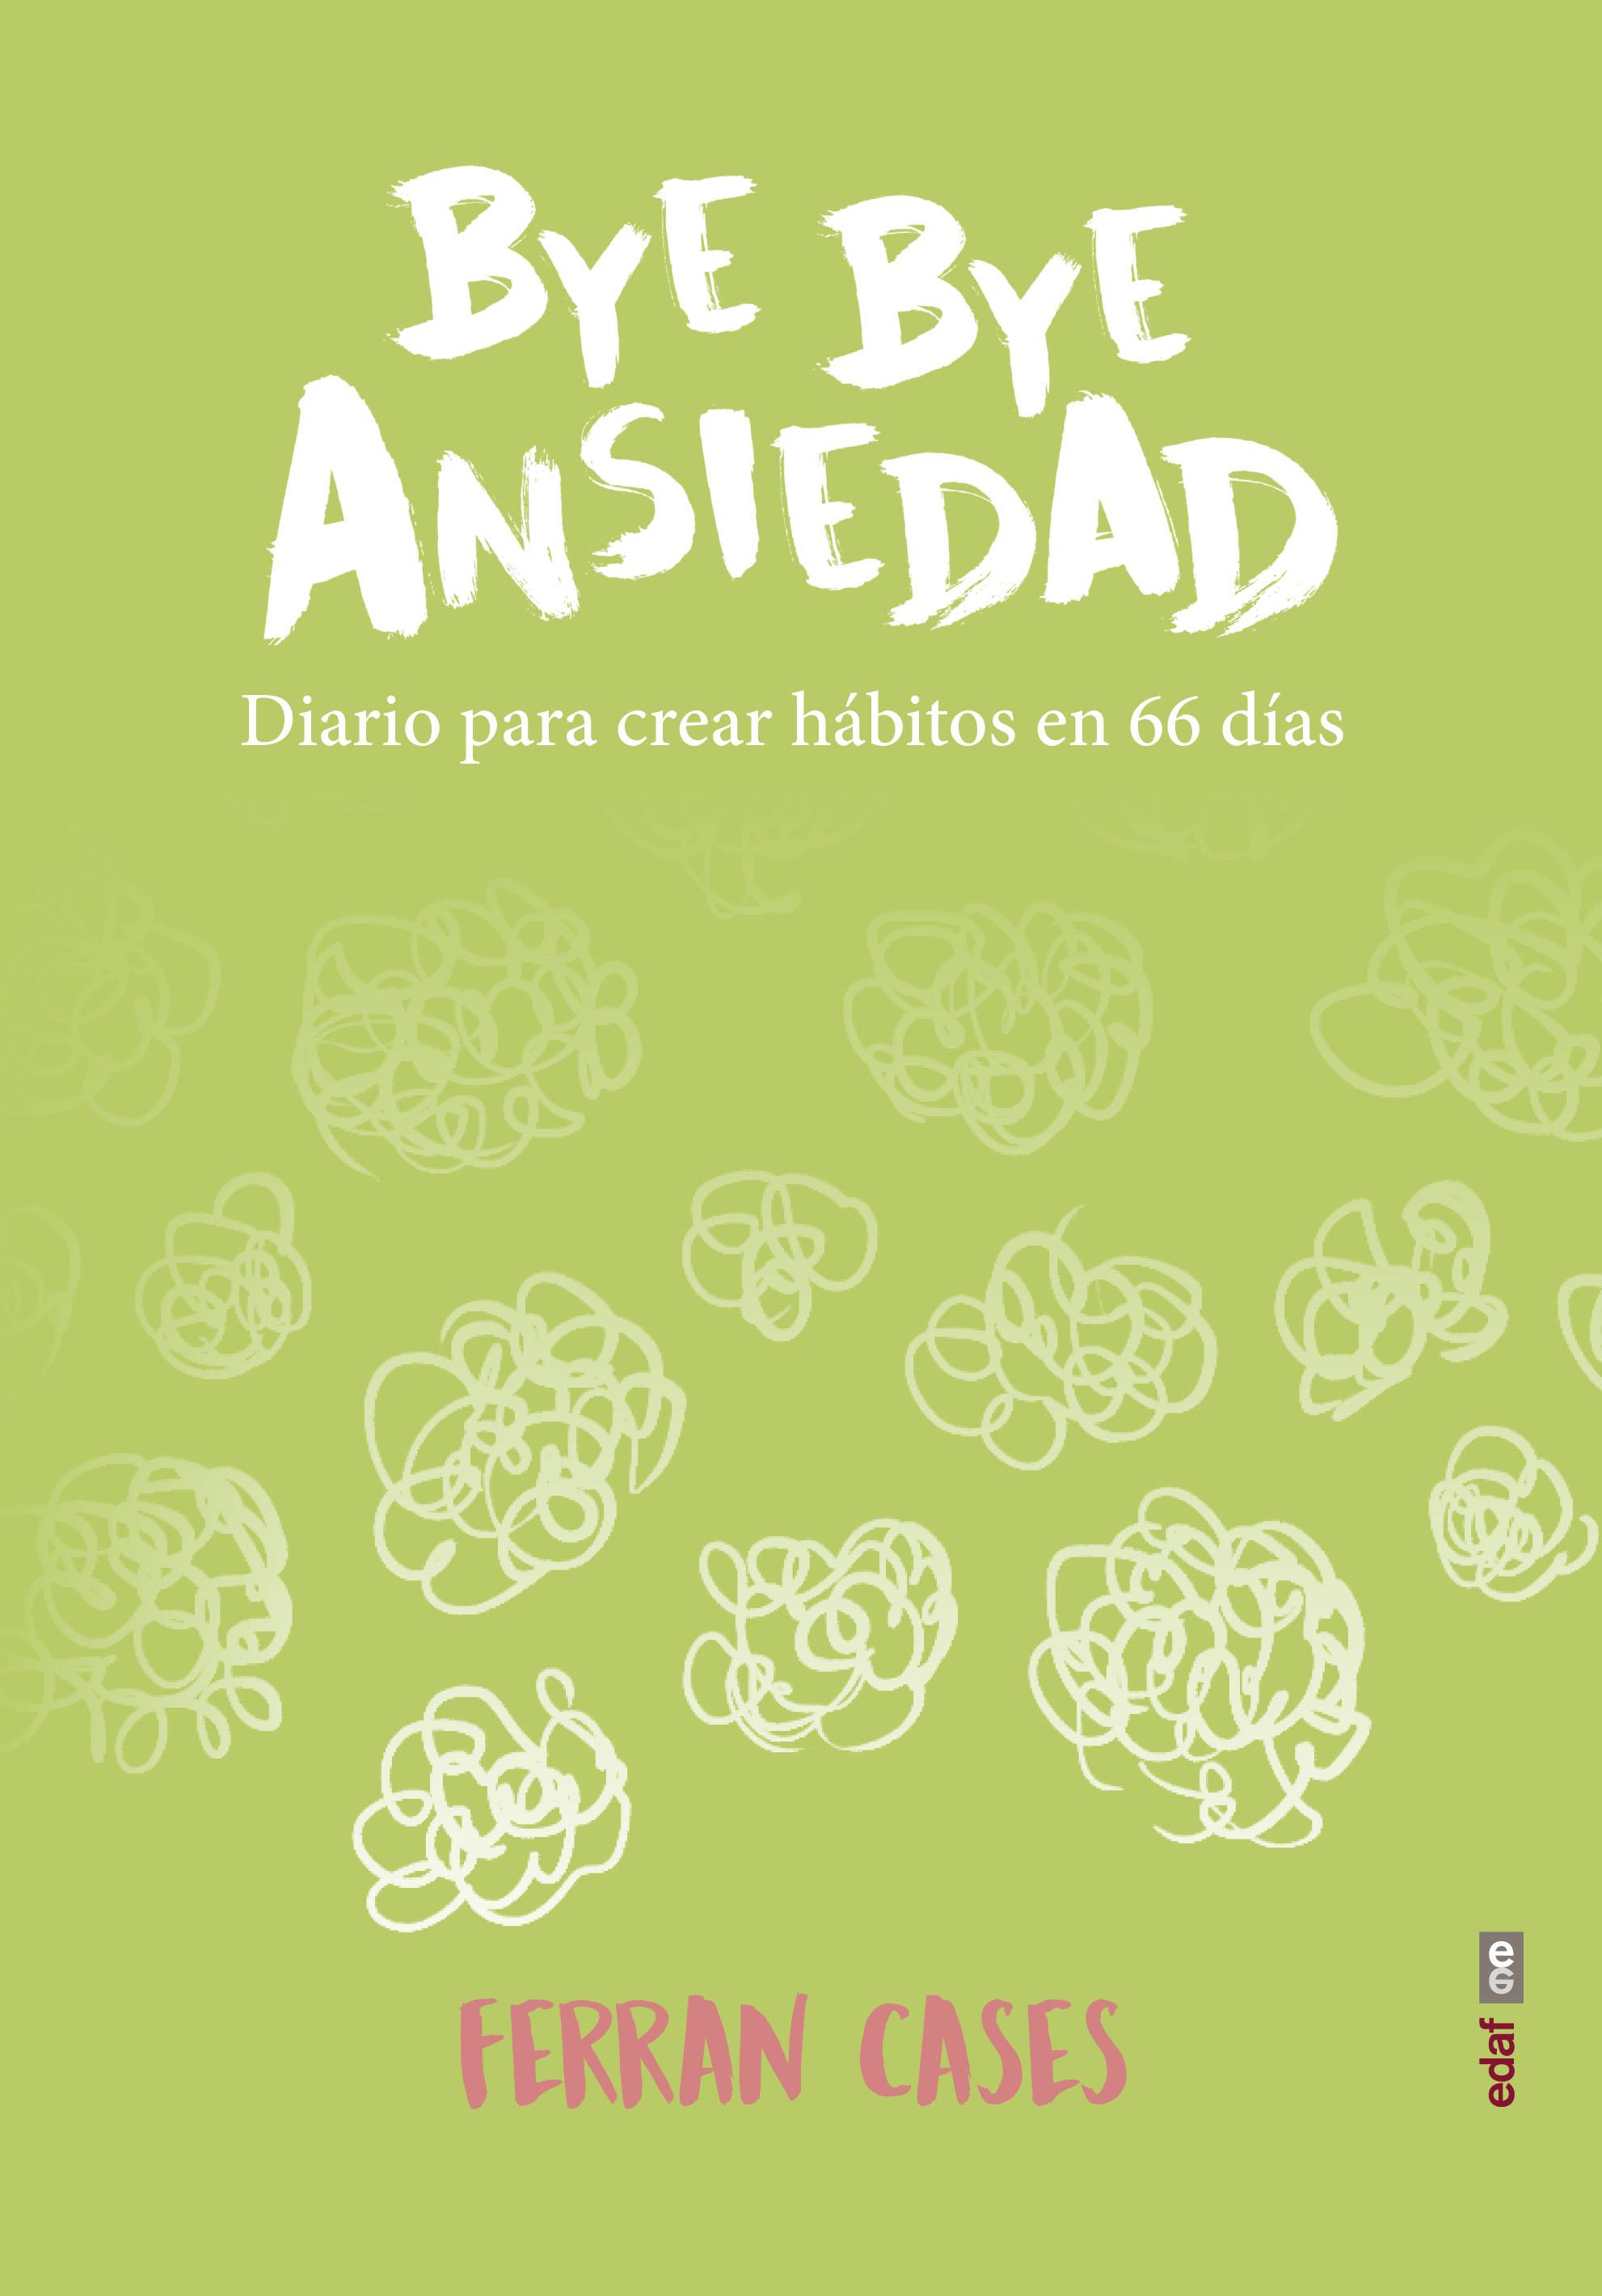 Bye Bye ansiedad   «Diario de creación de hábitos en 66 días»